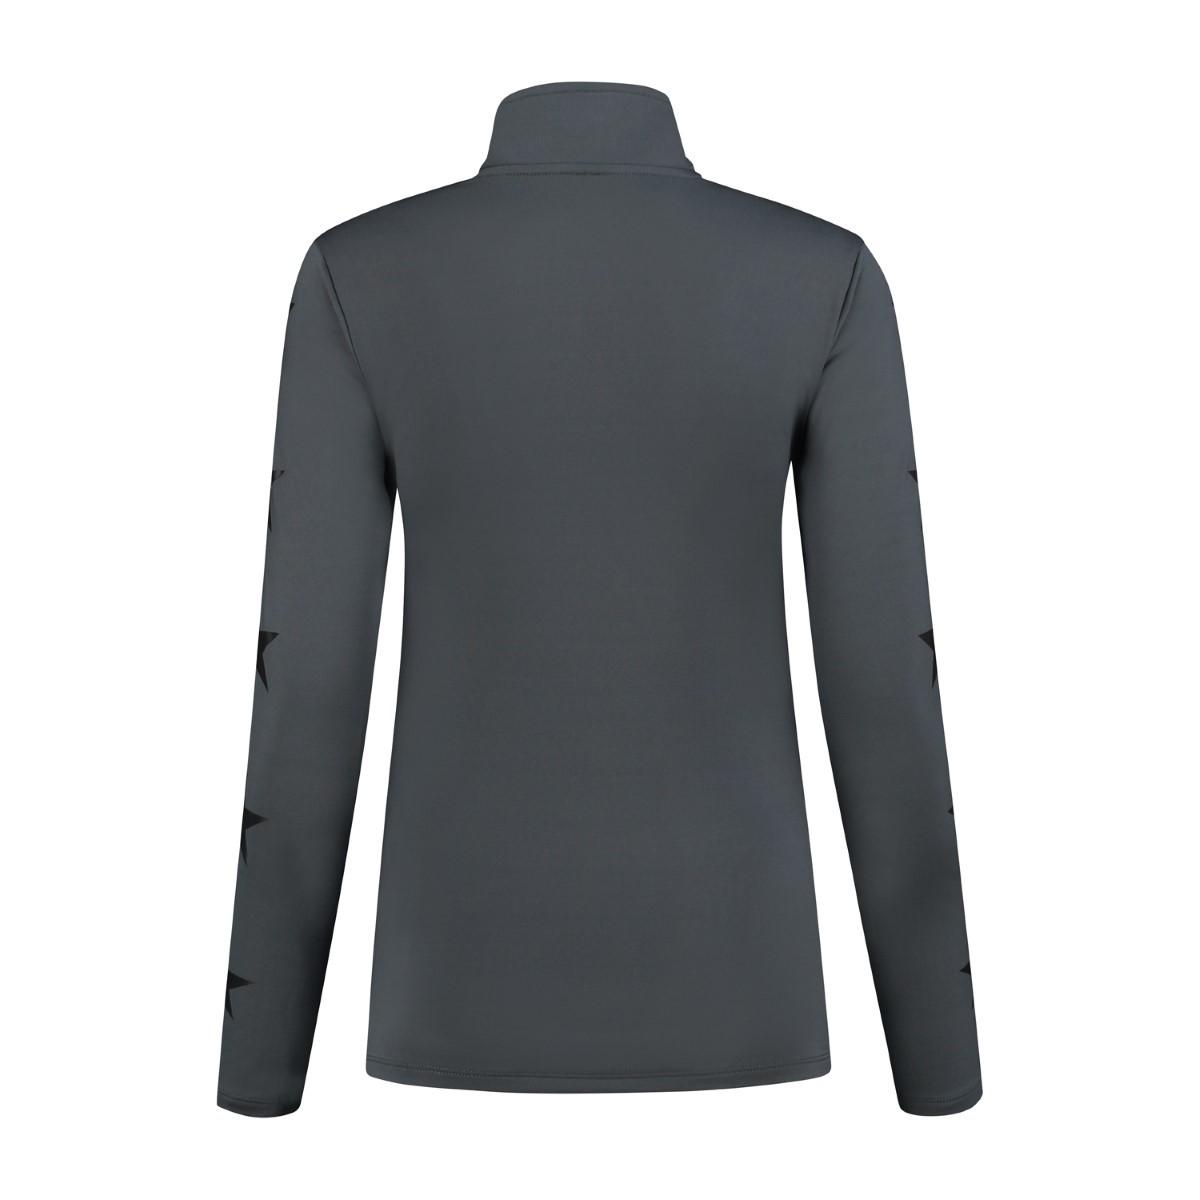 Kou Sportswear 2nd layer pully Iron Gate Stars 2020